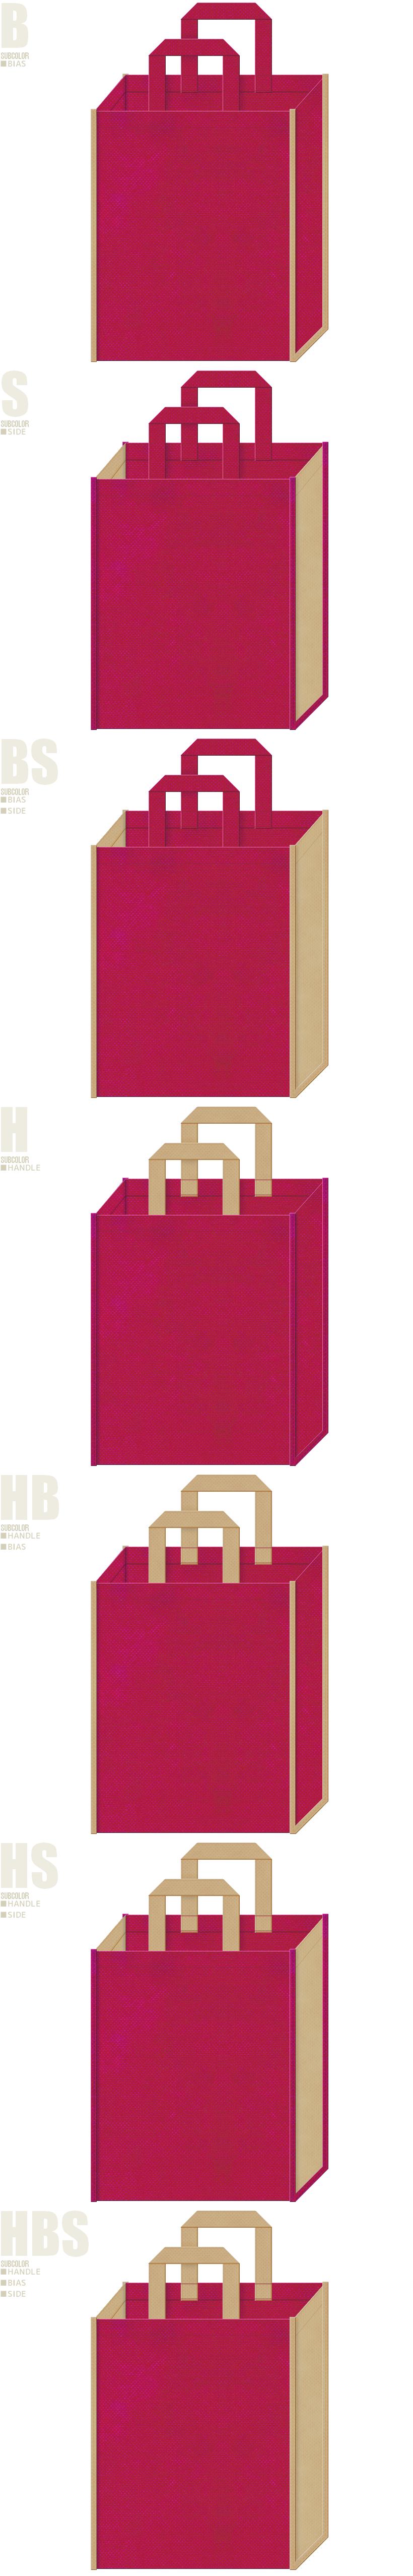 南国・リゾート・アイランド・トロピカル・カクテル・観光土産のショッピングバッグ・トラベルバッグにお奨めの不織布バッグデザイン:濃いピンク色とカーキ色の配色7パターン